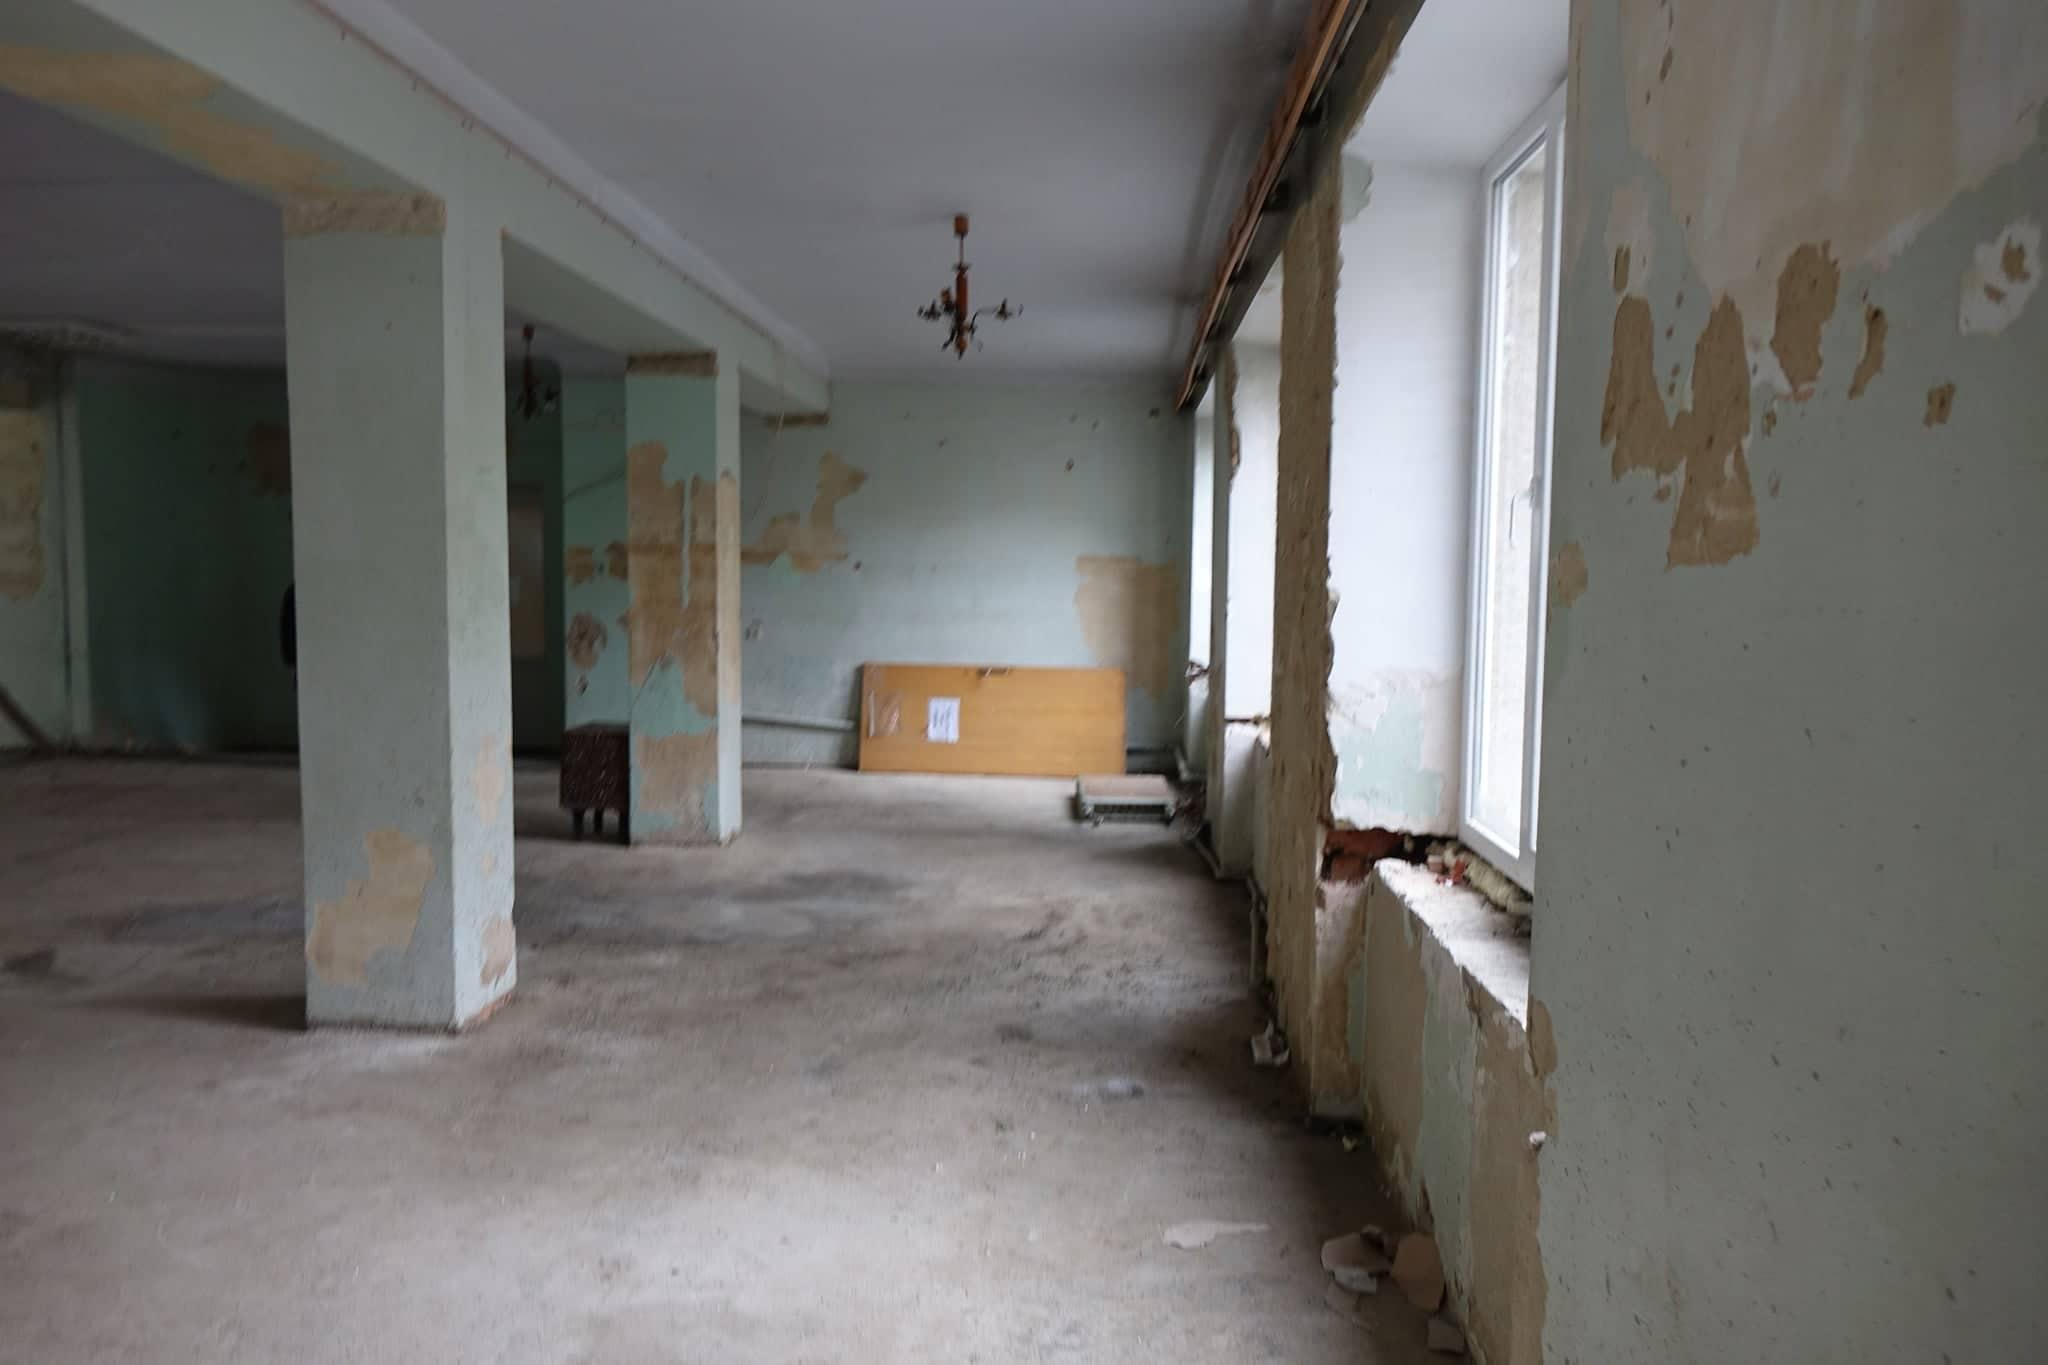 Триває ремонт у міській дитячій лікарні (ФОТО)